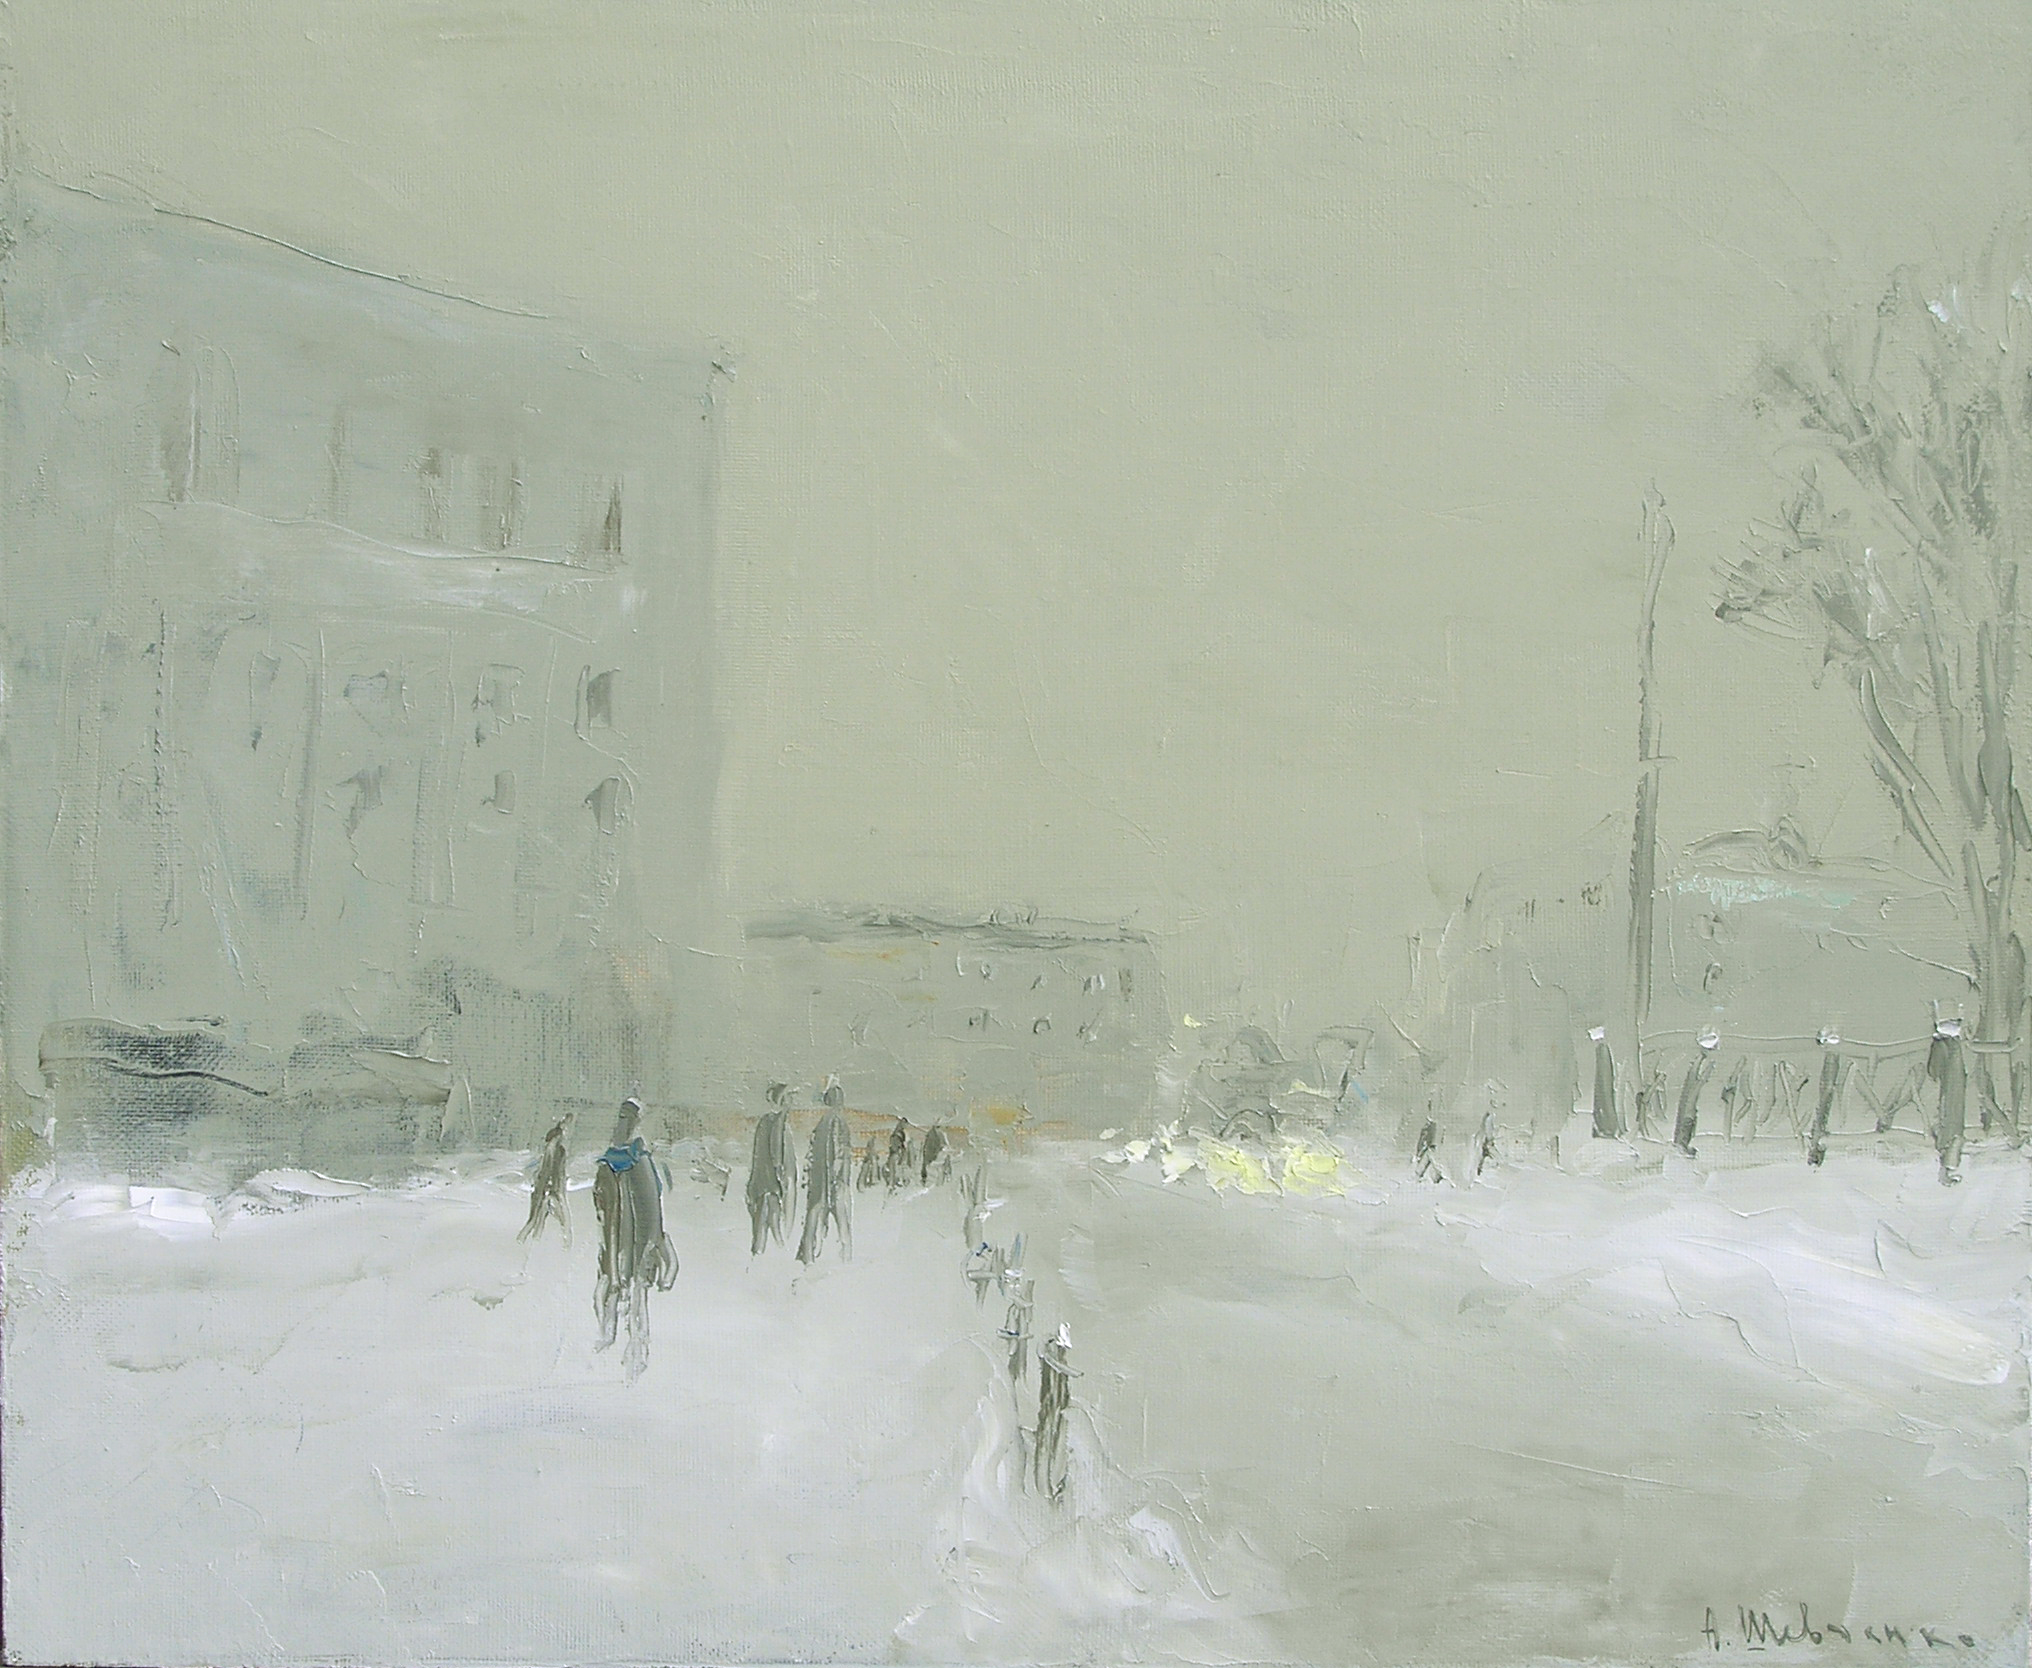 Зима в Москве. Сумерки, 2005, 50х60, х.м.